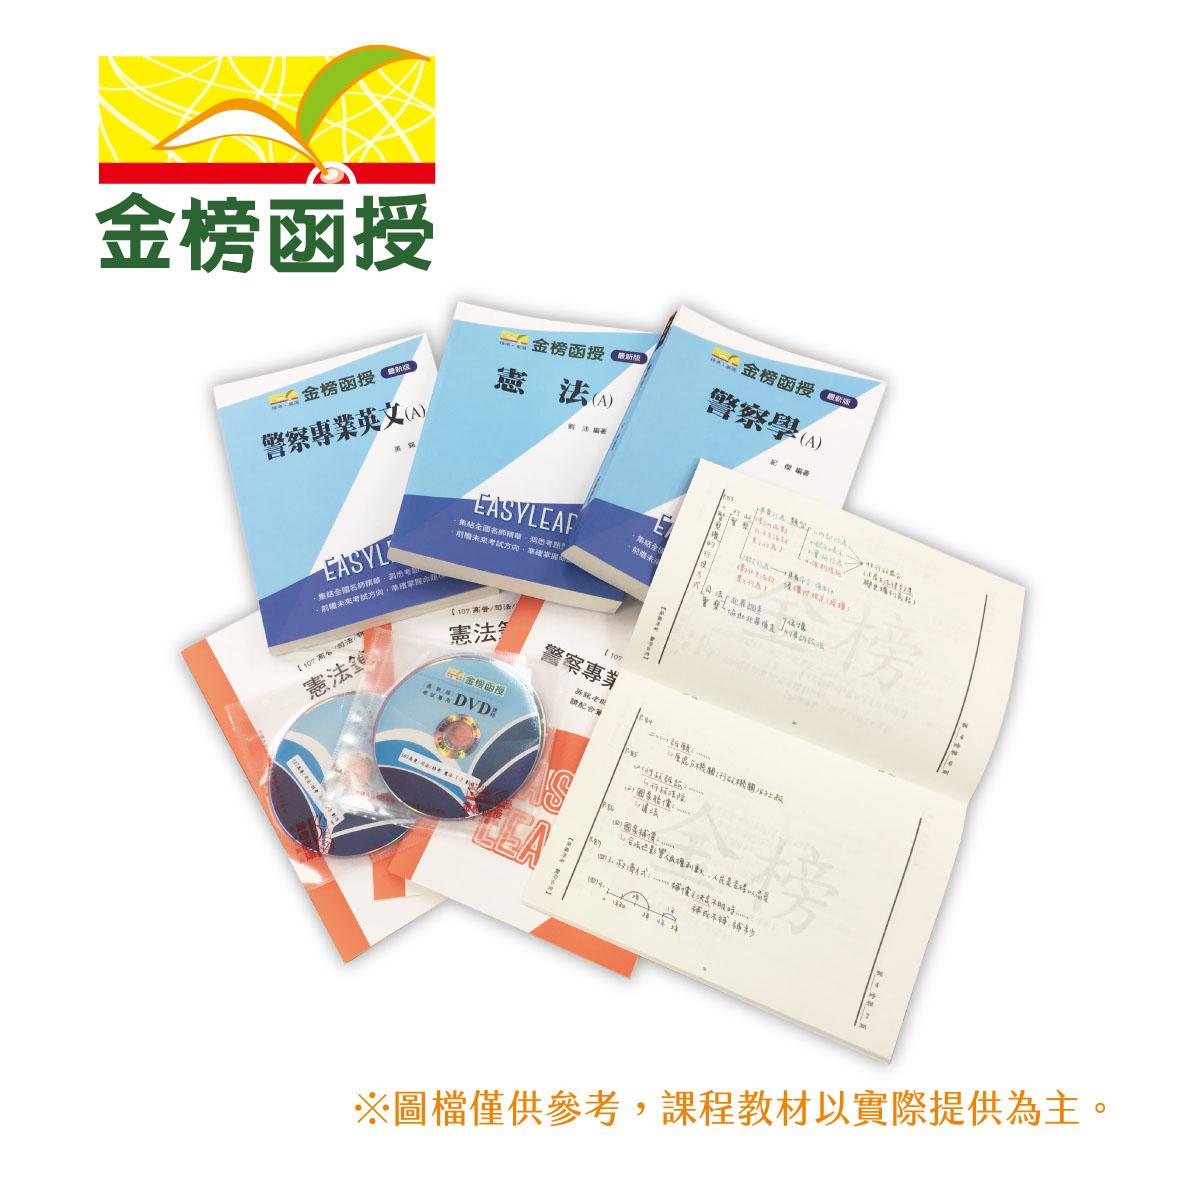 108金榜函授/高考三级/年度课程/全套/财经廉政/DVD/专业科目